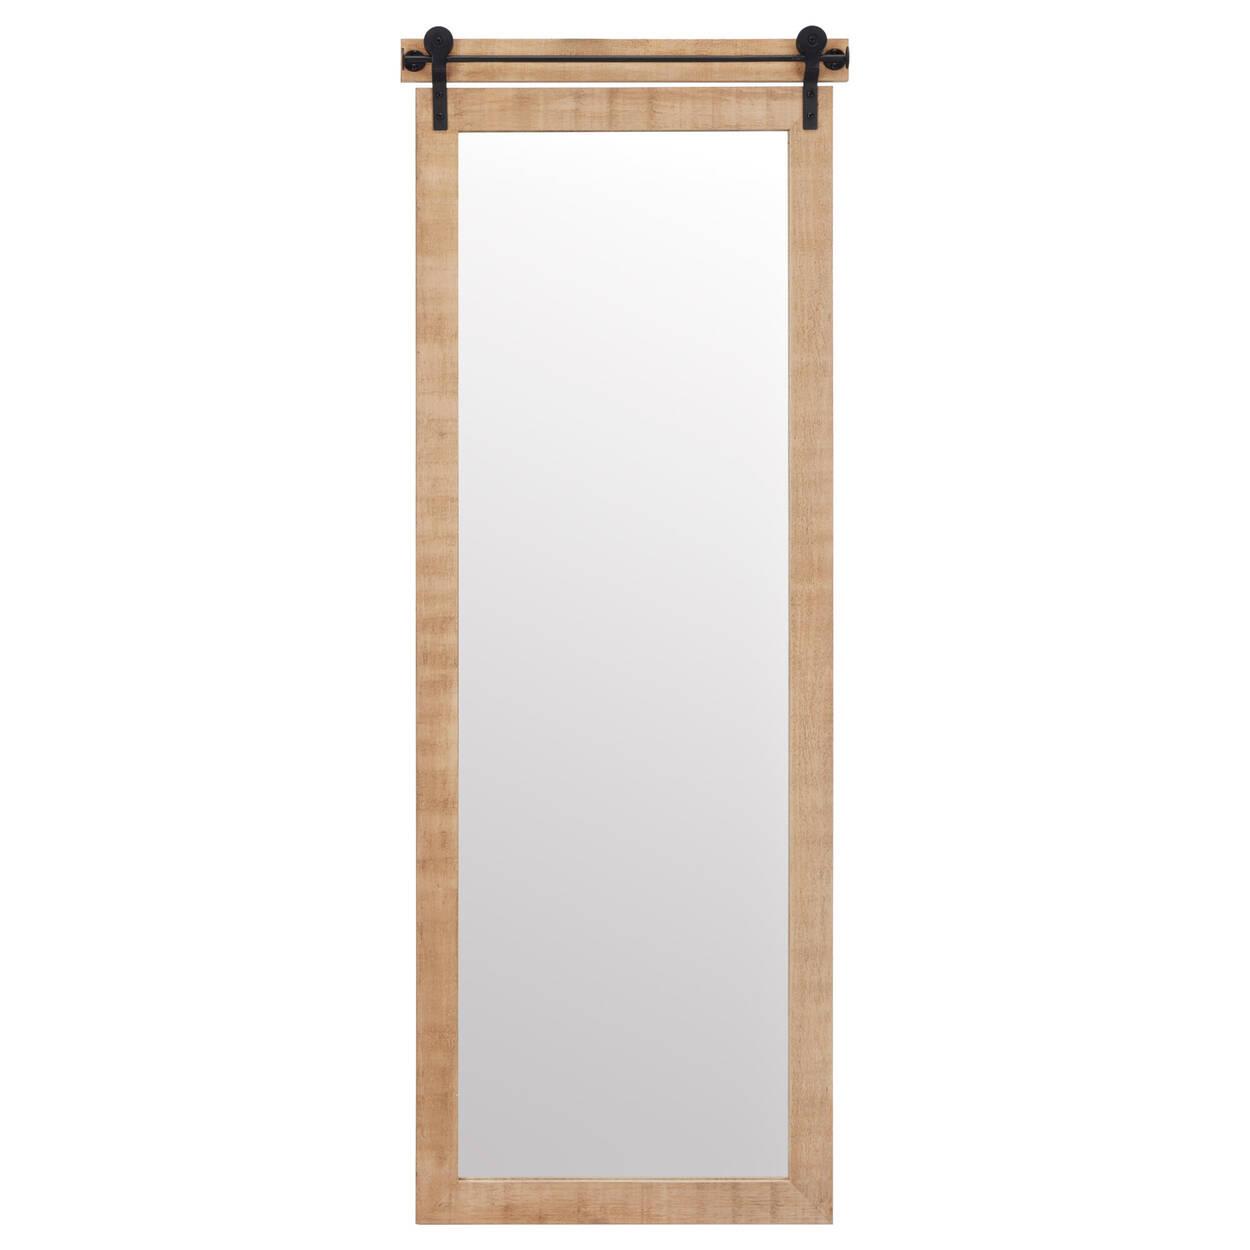 Natural Barn Door Style Mirror